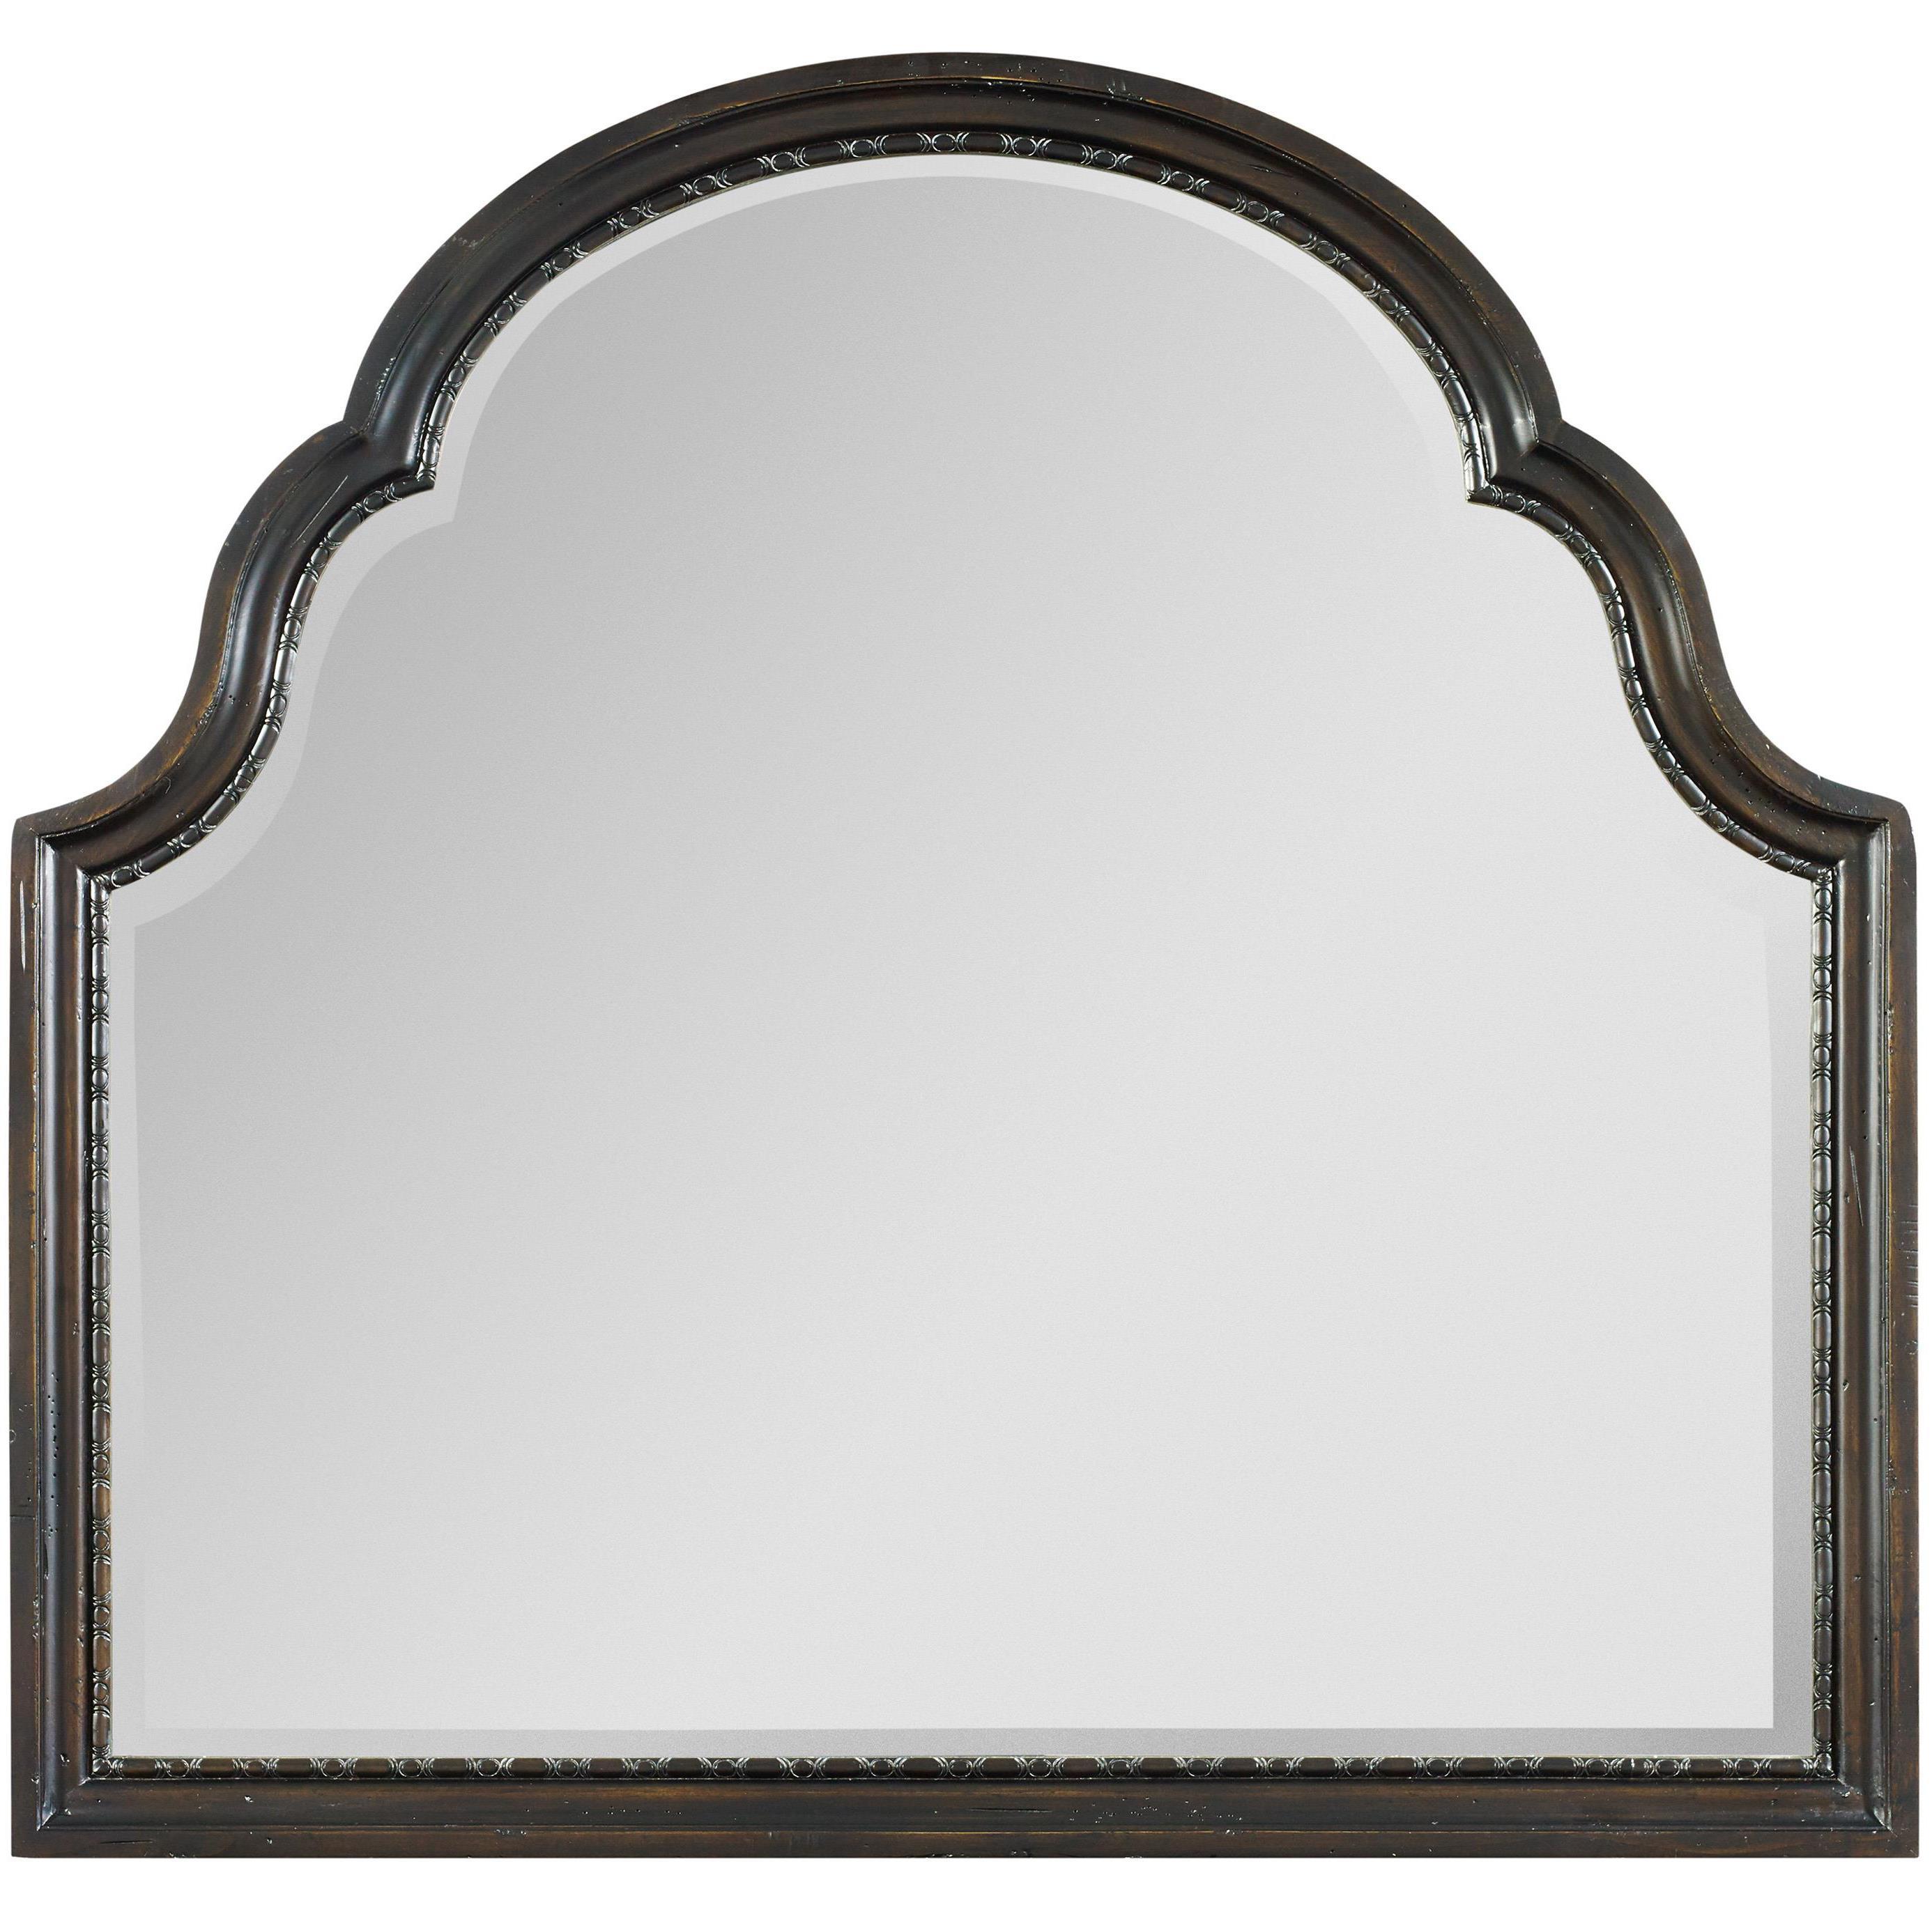 Treviso Shaped Landscape Mirror by Hooker Furniture at Baer's Furniture